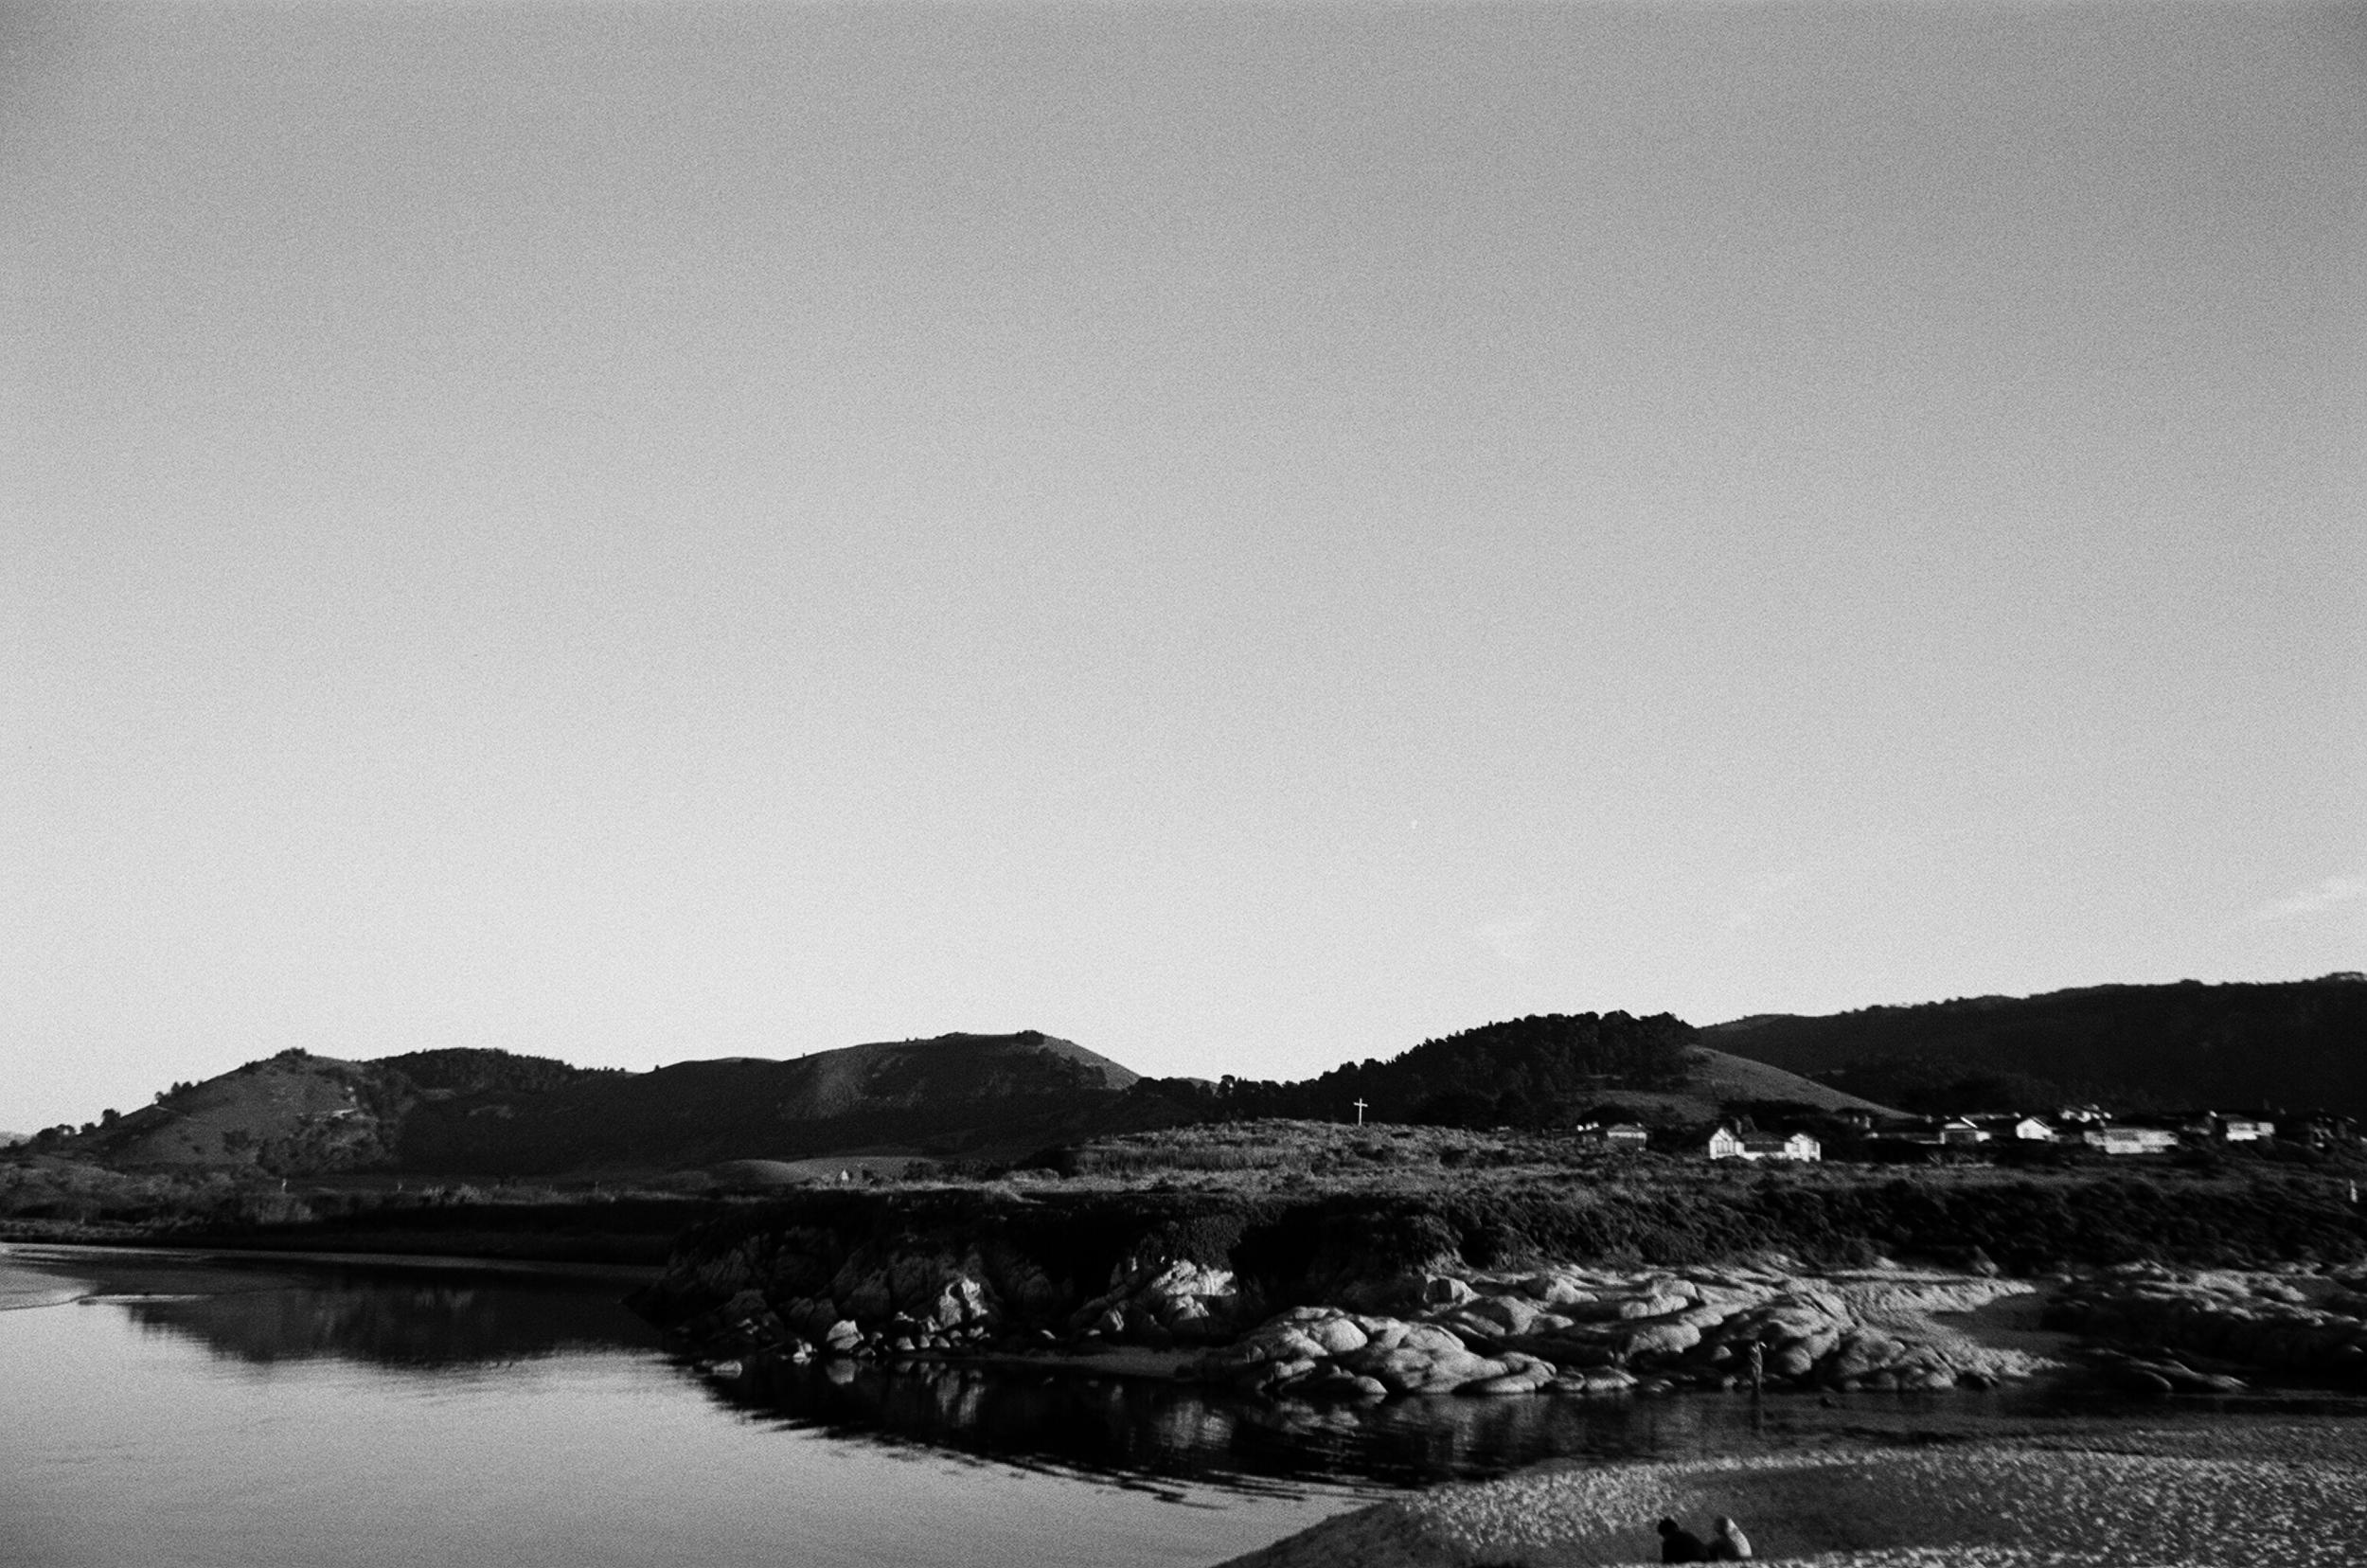 hillside religion, Carmel, 35mm